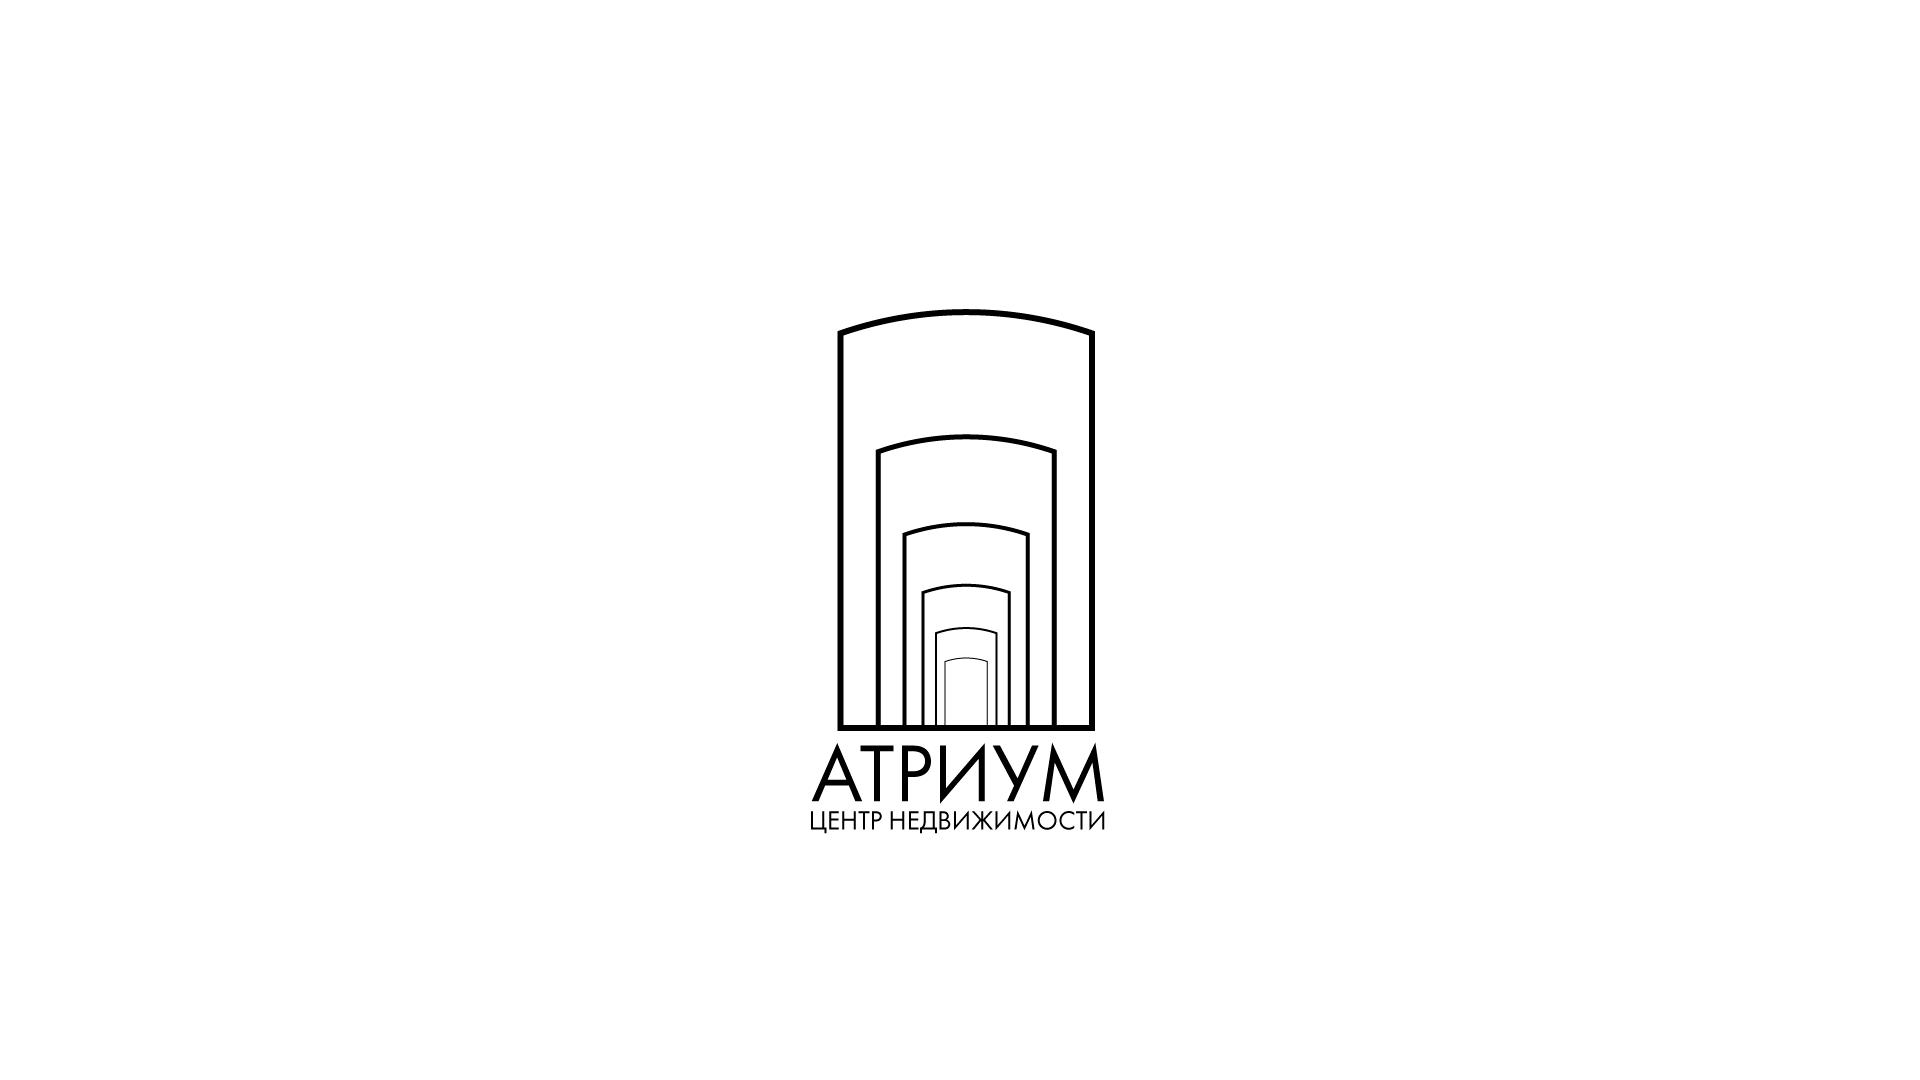 Редизайн / модернизация логотипа Центра недвижимости фото f_4475bc3c75aec1ad.png